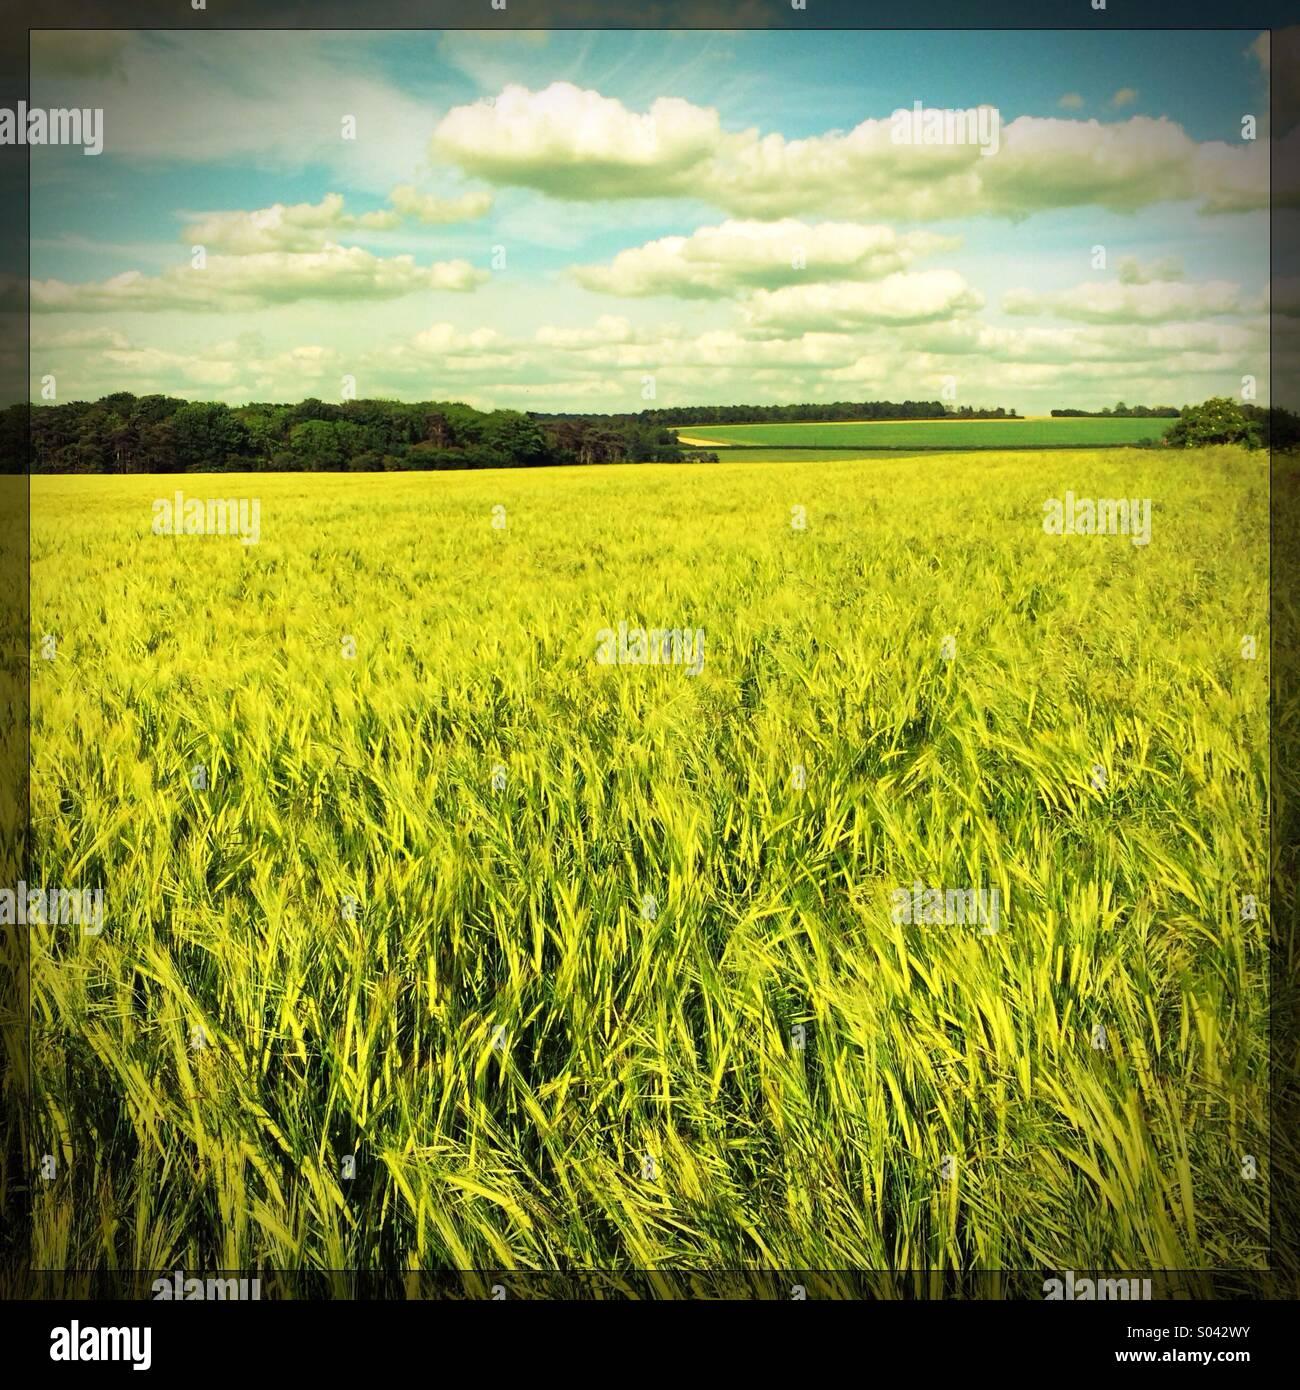 Wheat field UK - Stock Image